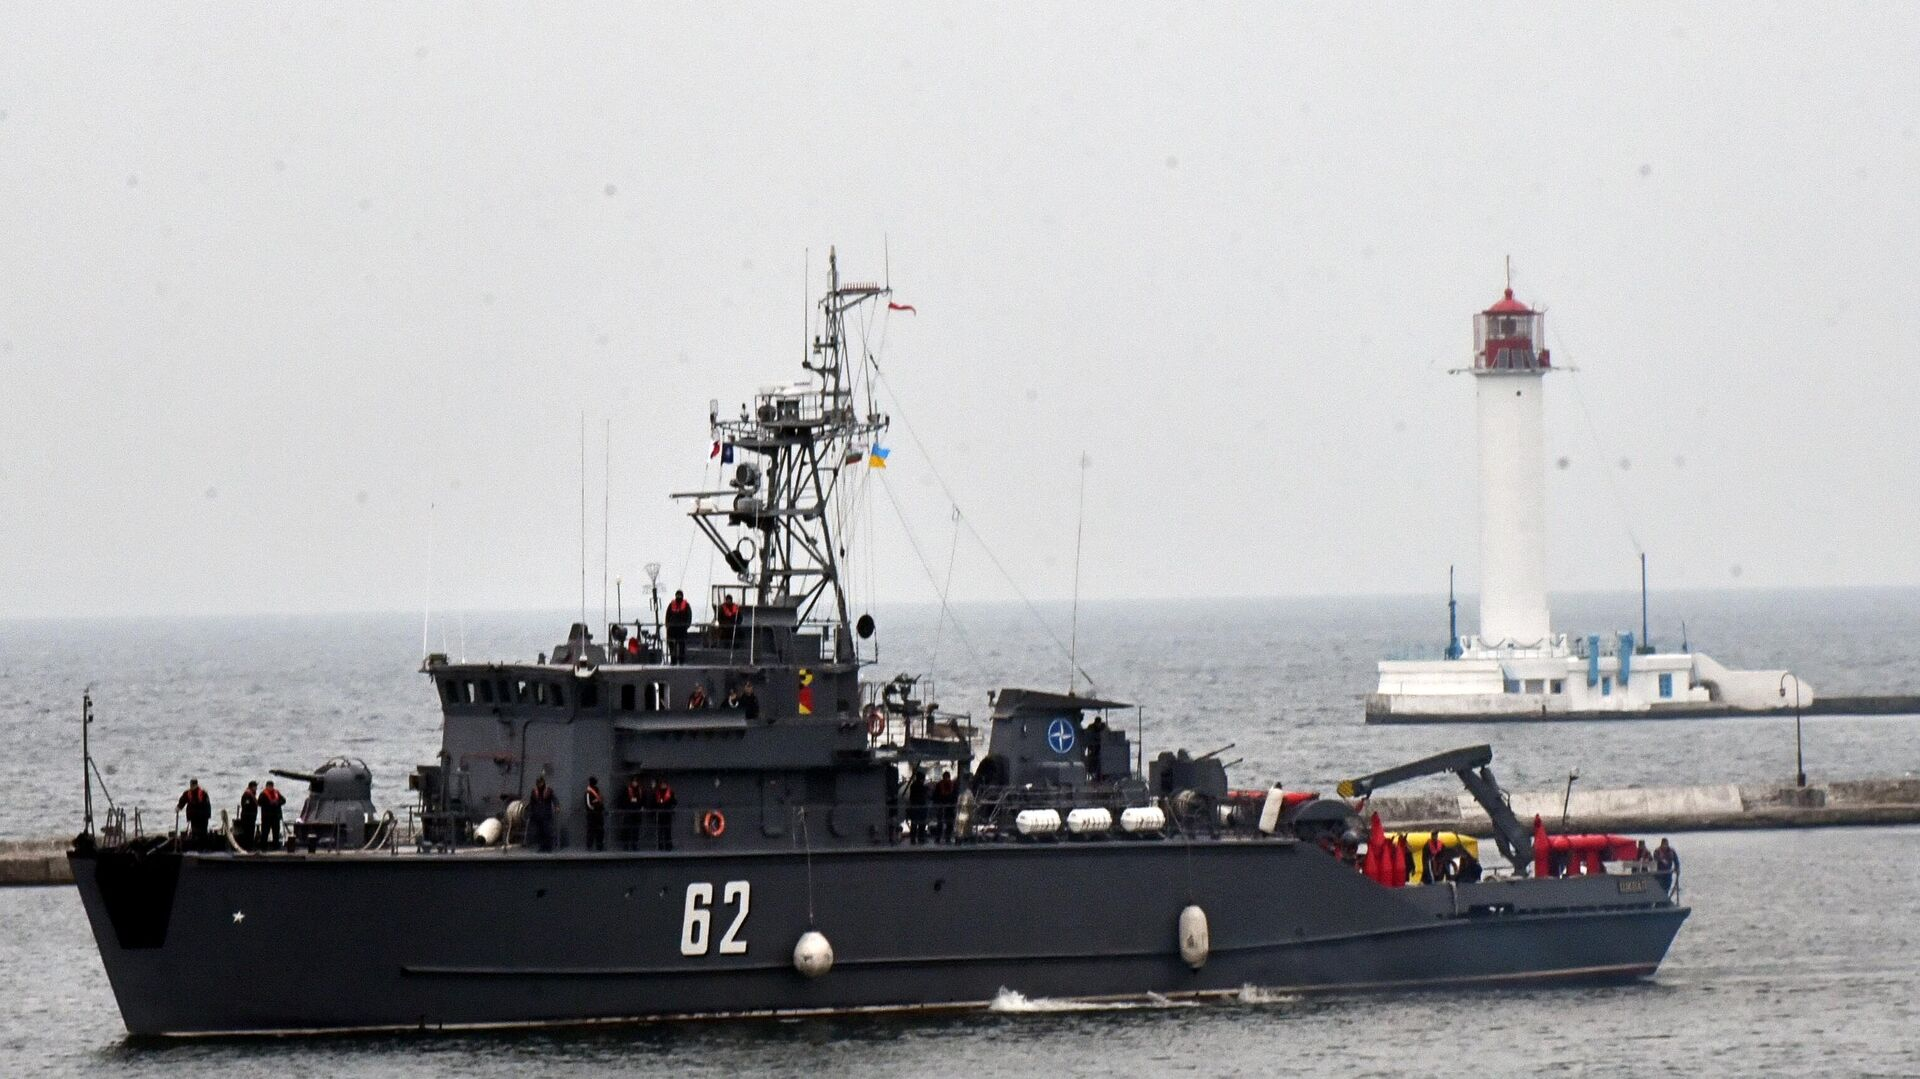 Один из четырех противоминных кораблей НАТО входит в порт Одессы - РИА Новости, 1920, 08.05.2021